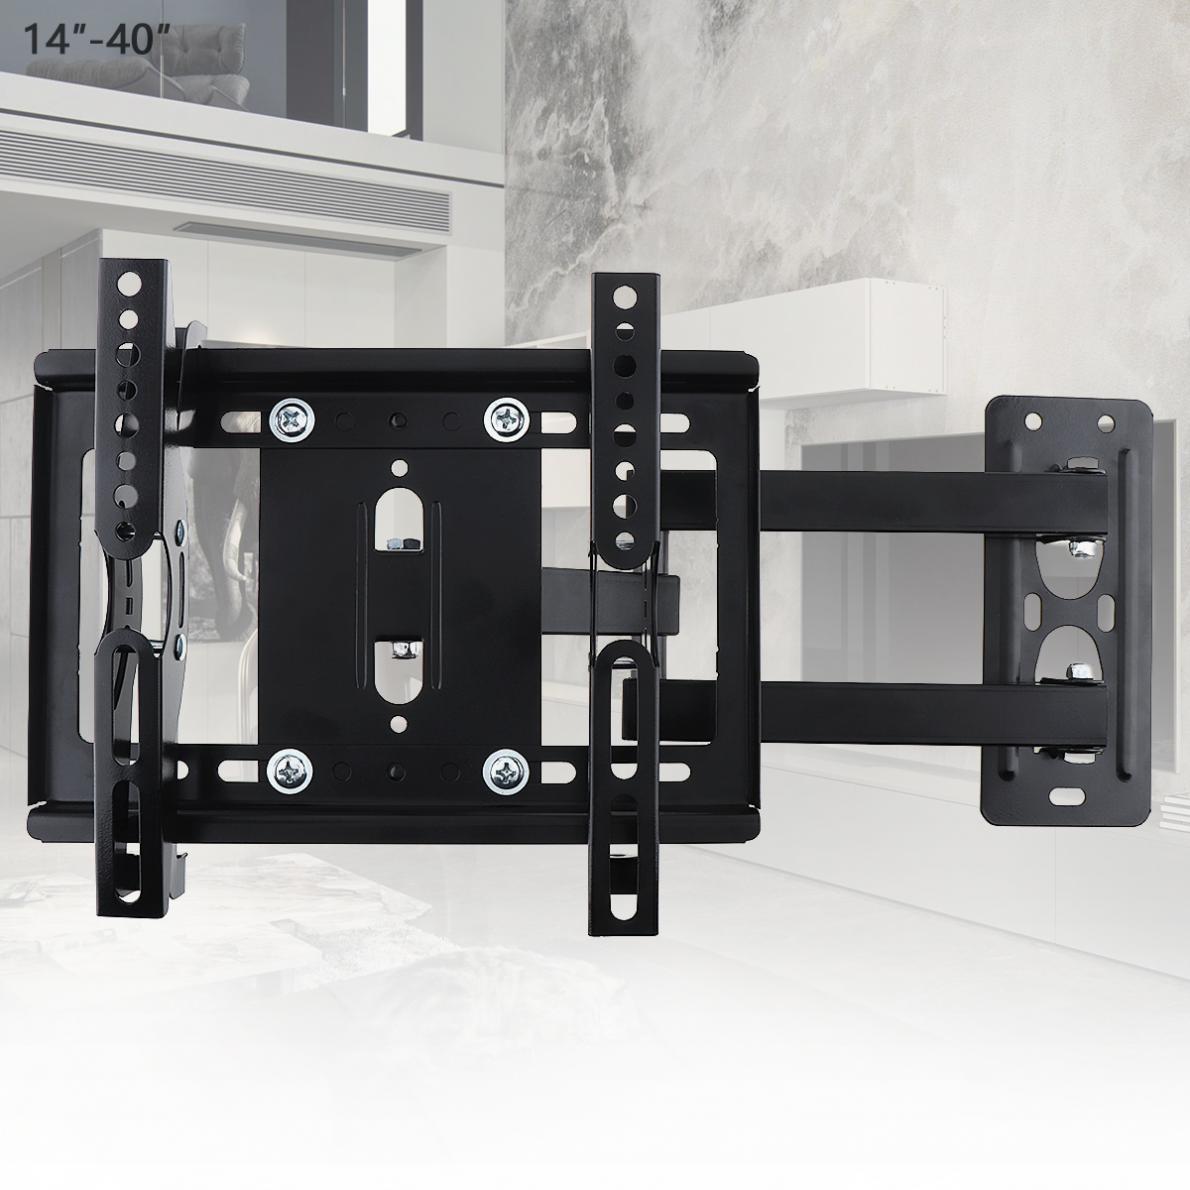 25 kg Télescopique Réglable 14-40 pouce TV Support Mural À Écran Plat TV Support de Cadre 15 Degrés Tilt pour LCD LED Moniteur